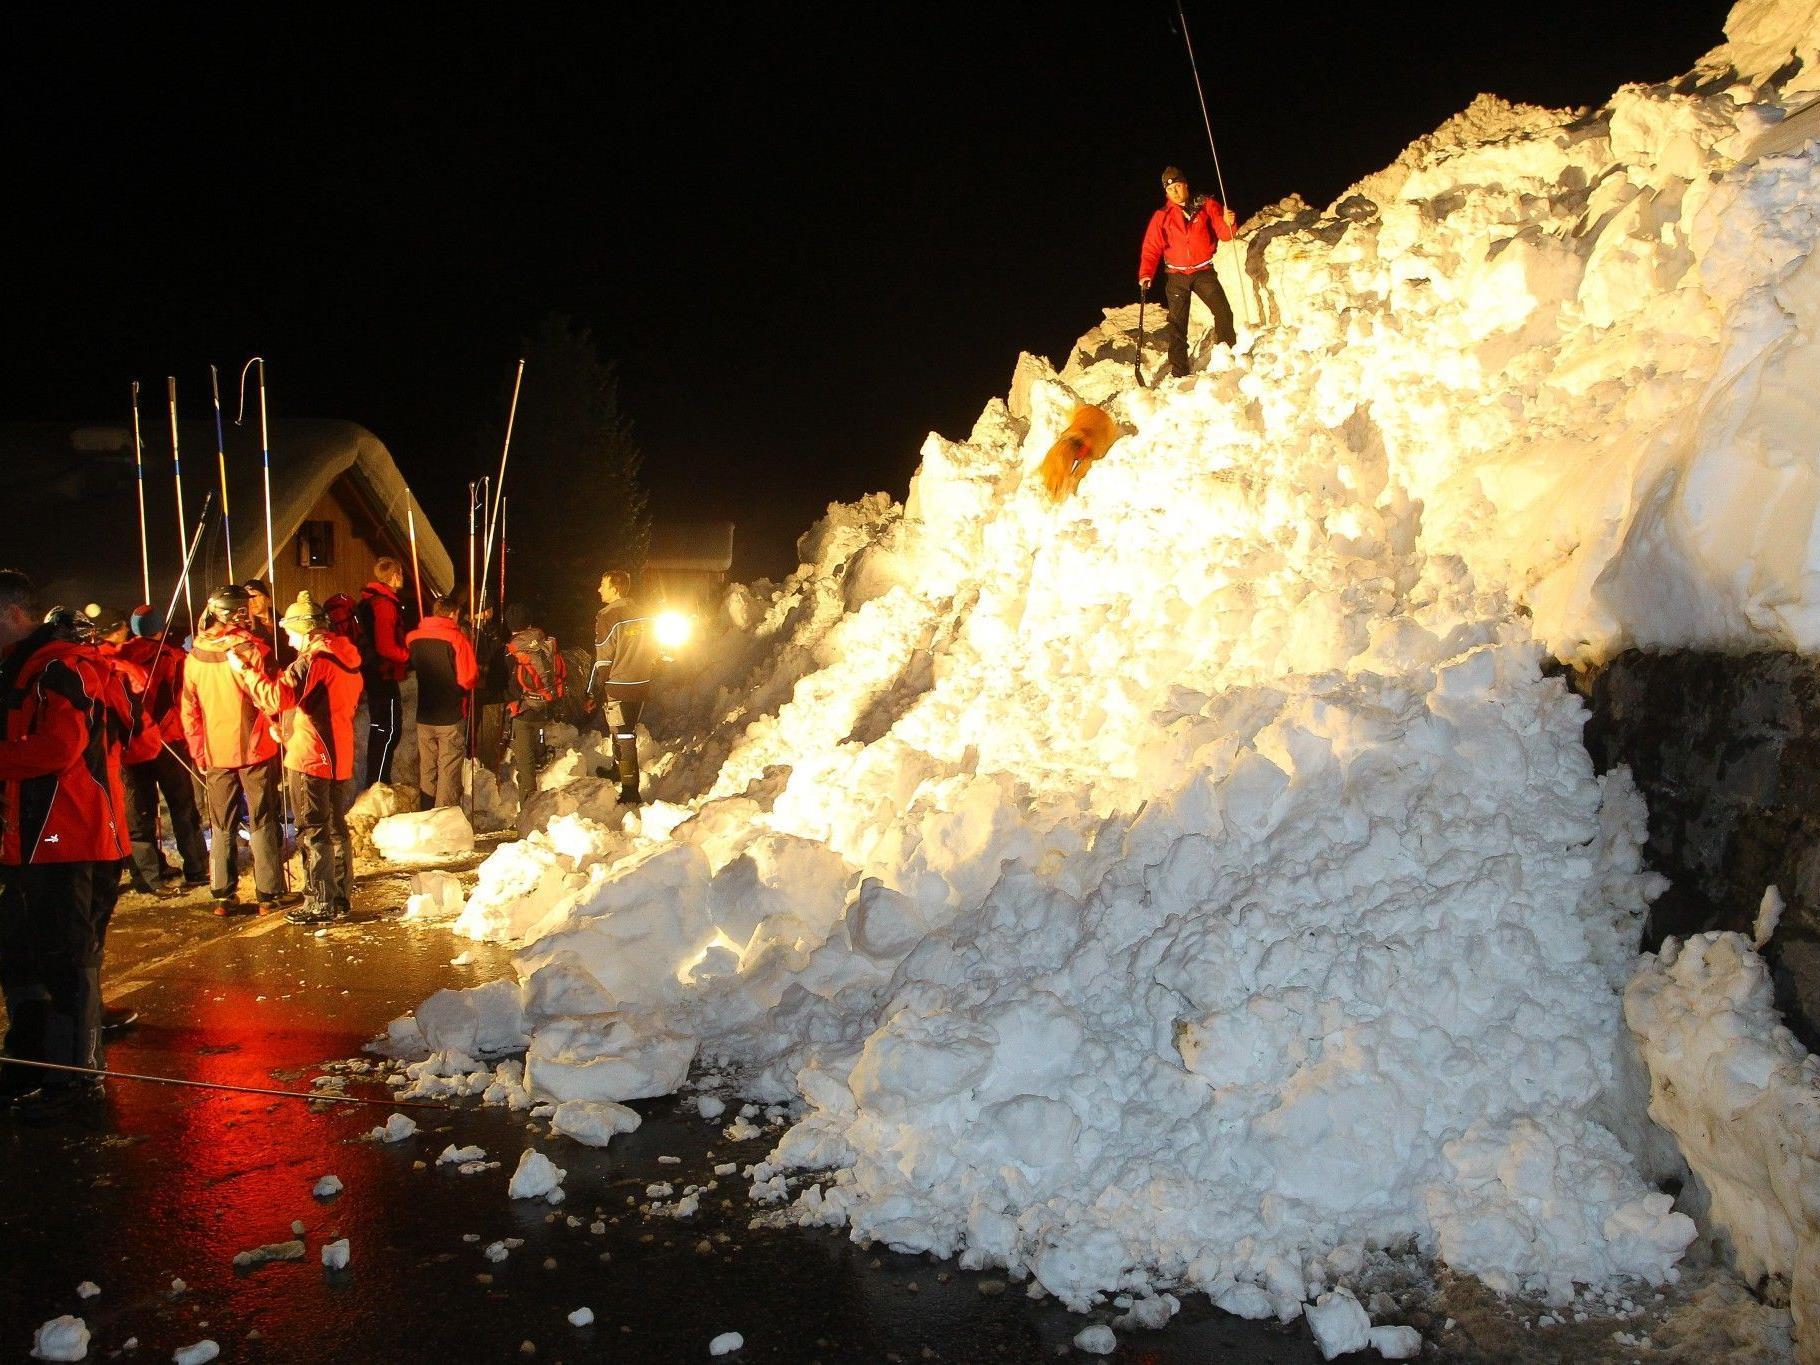 Schneebrett in Sonntag abgegangen: Es konnte Entwarnung gegeben werden.